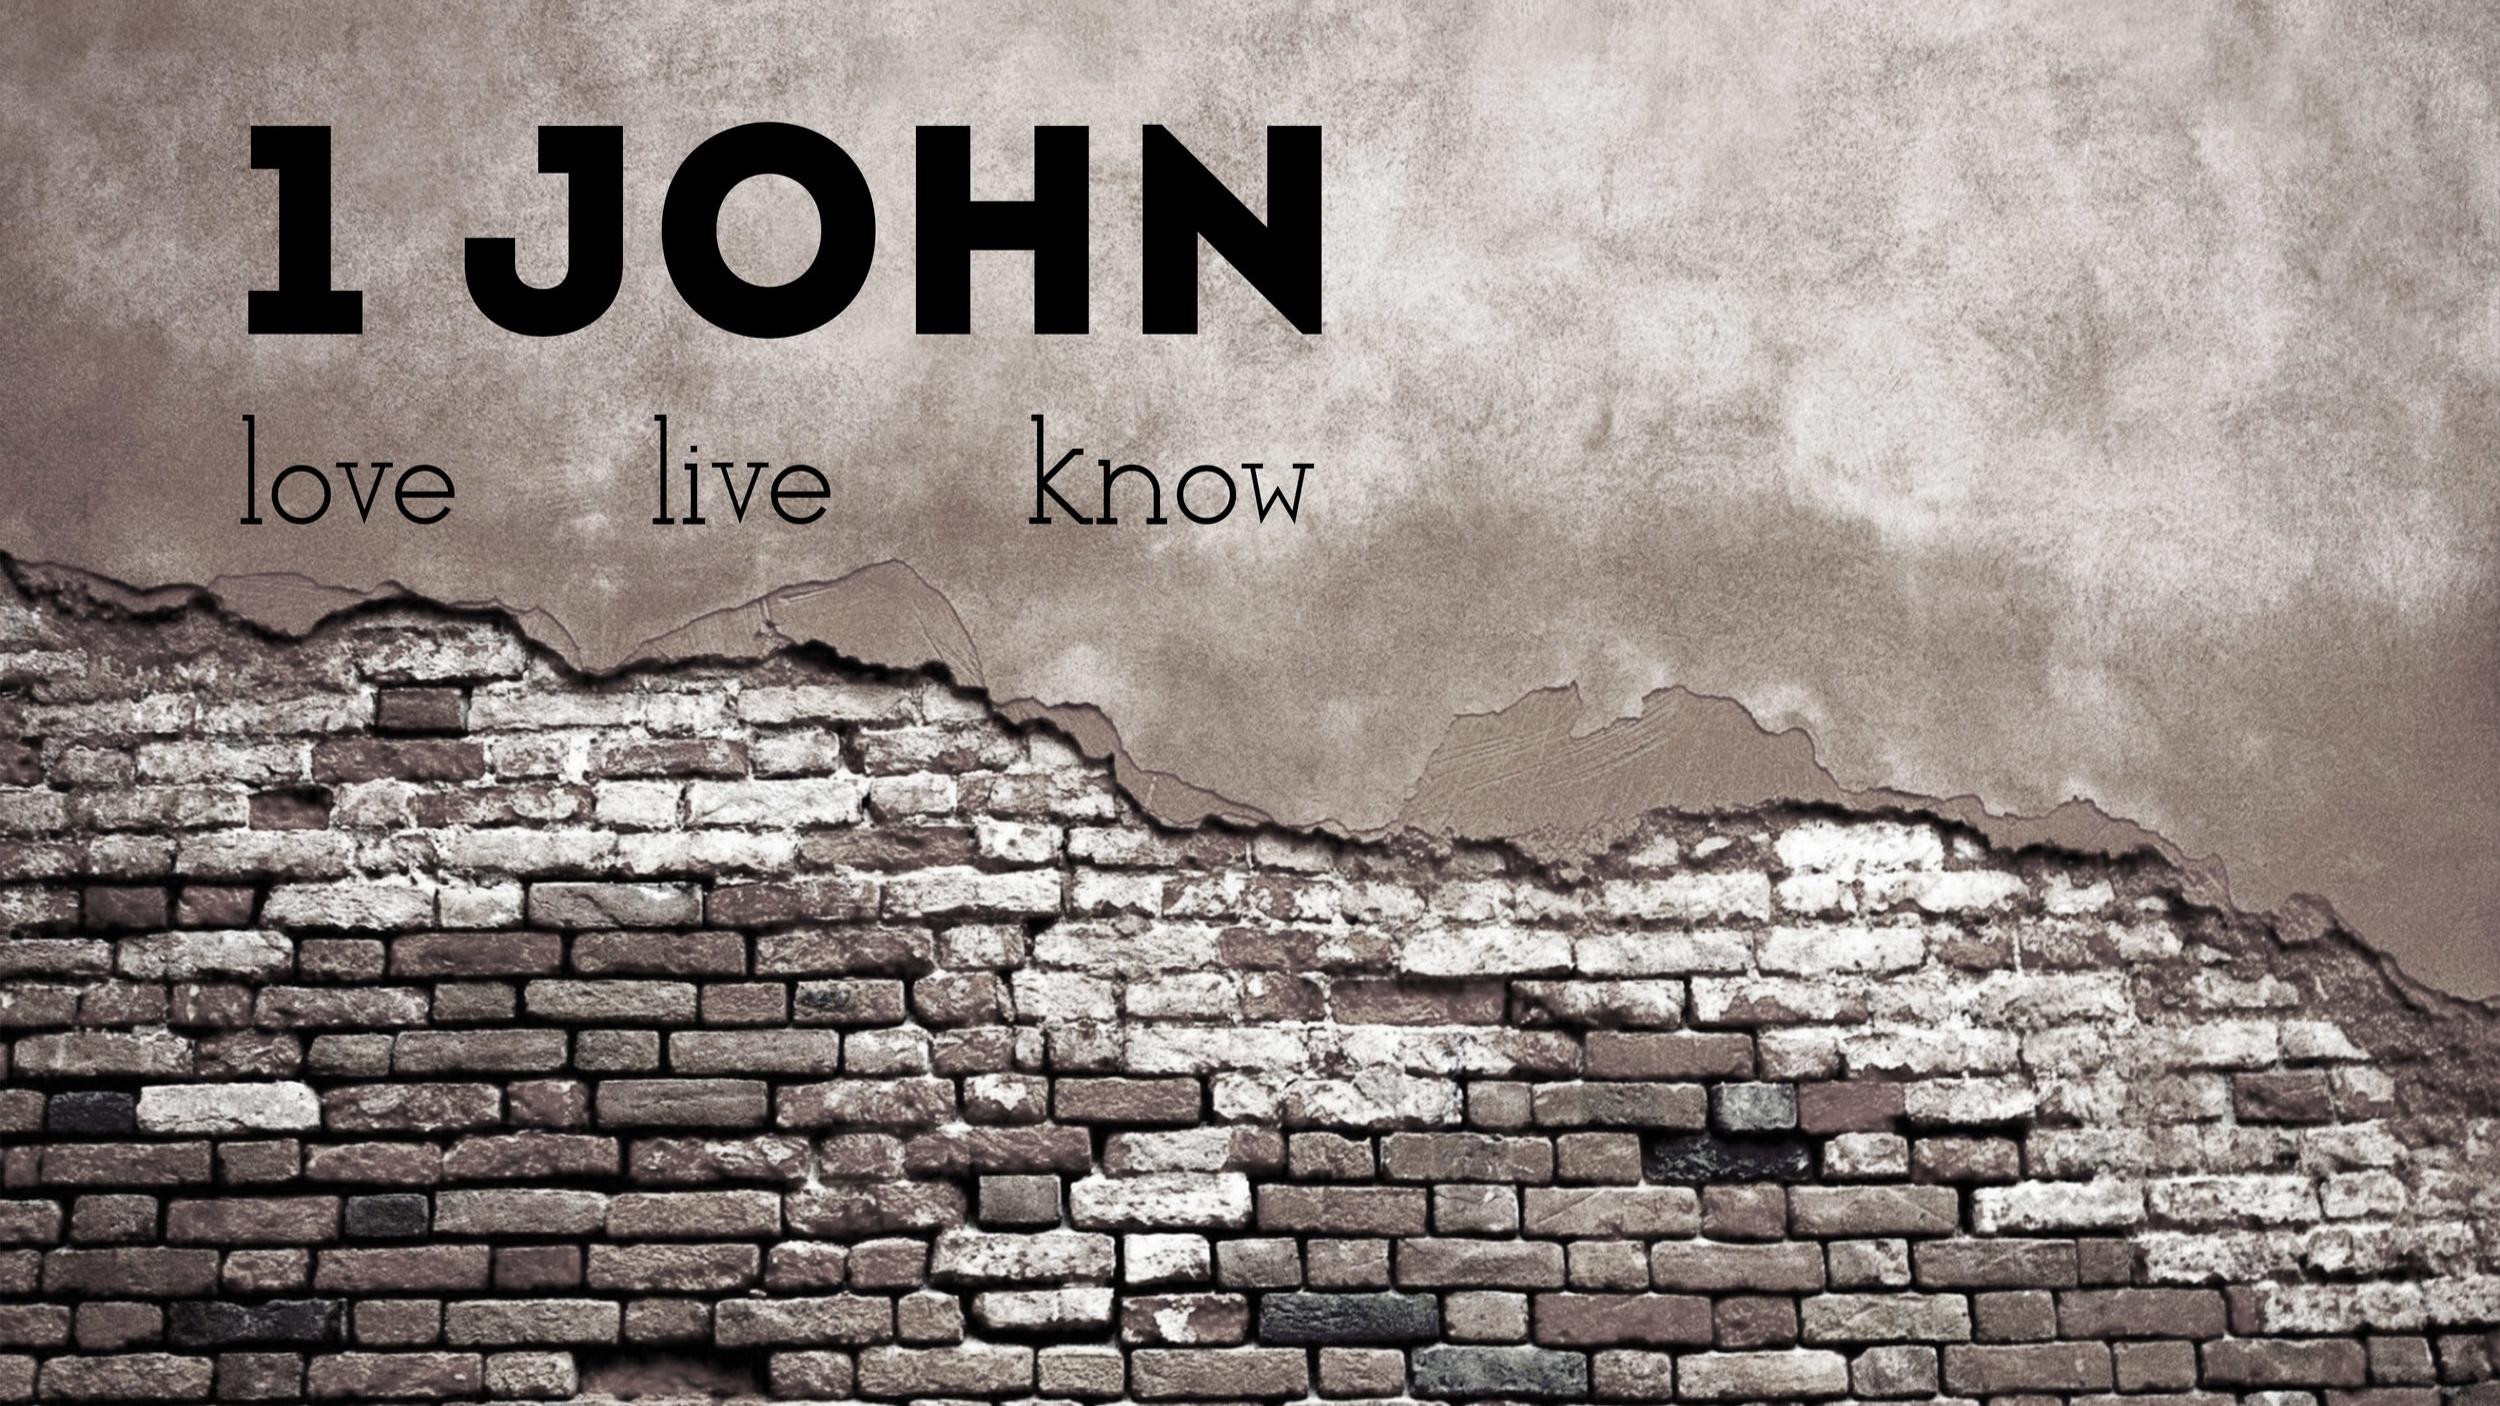 1+John+sb2.jpg